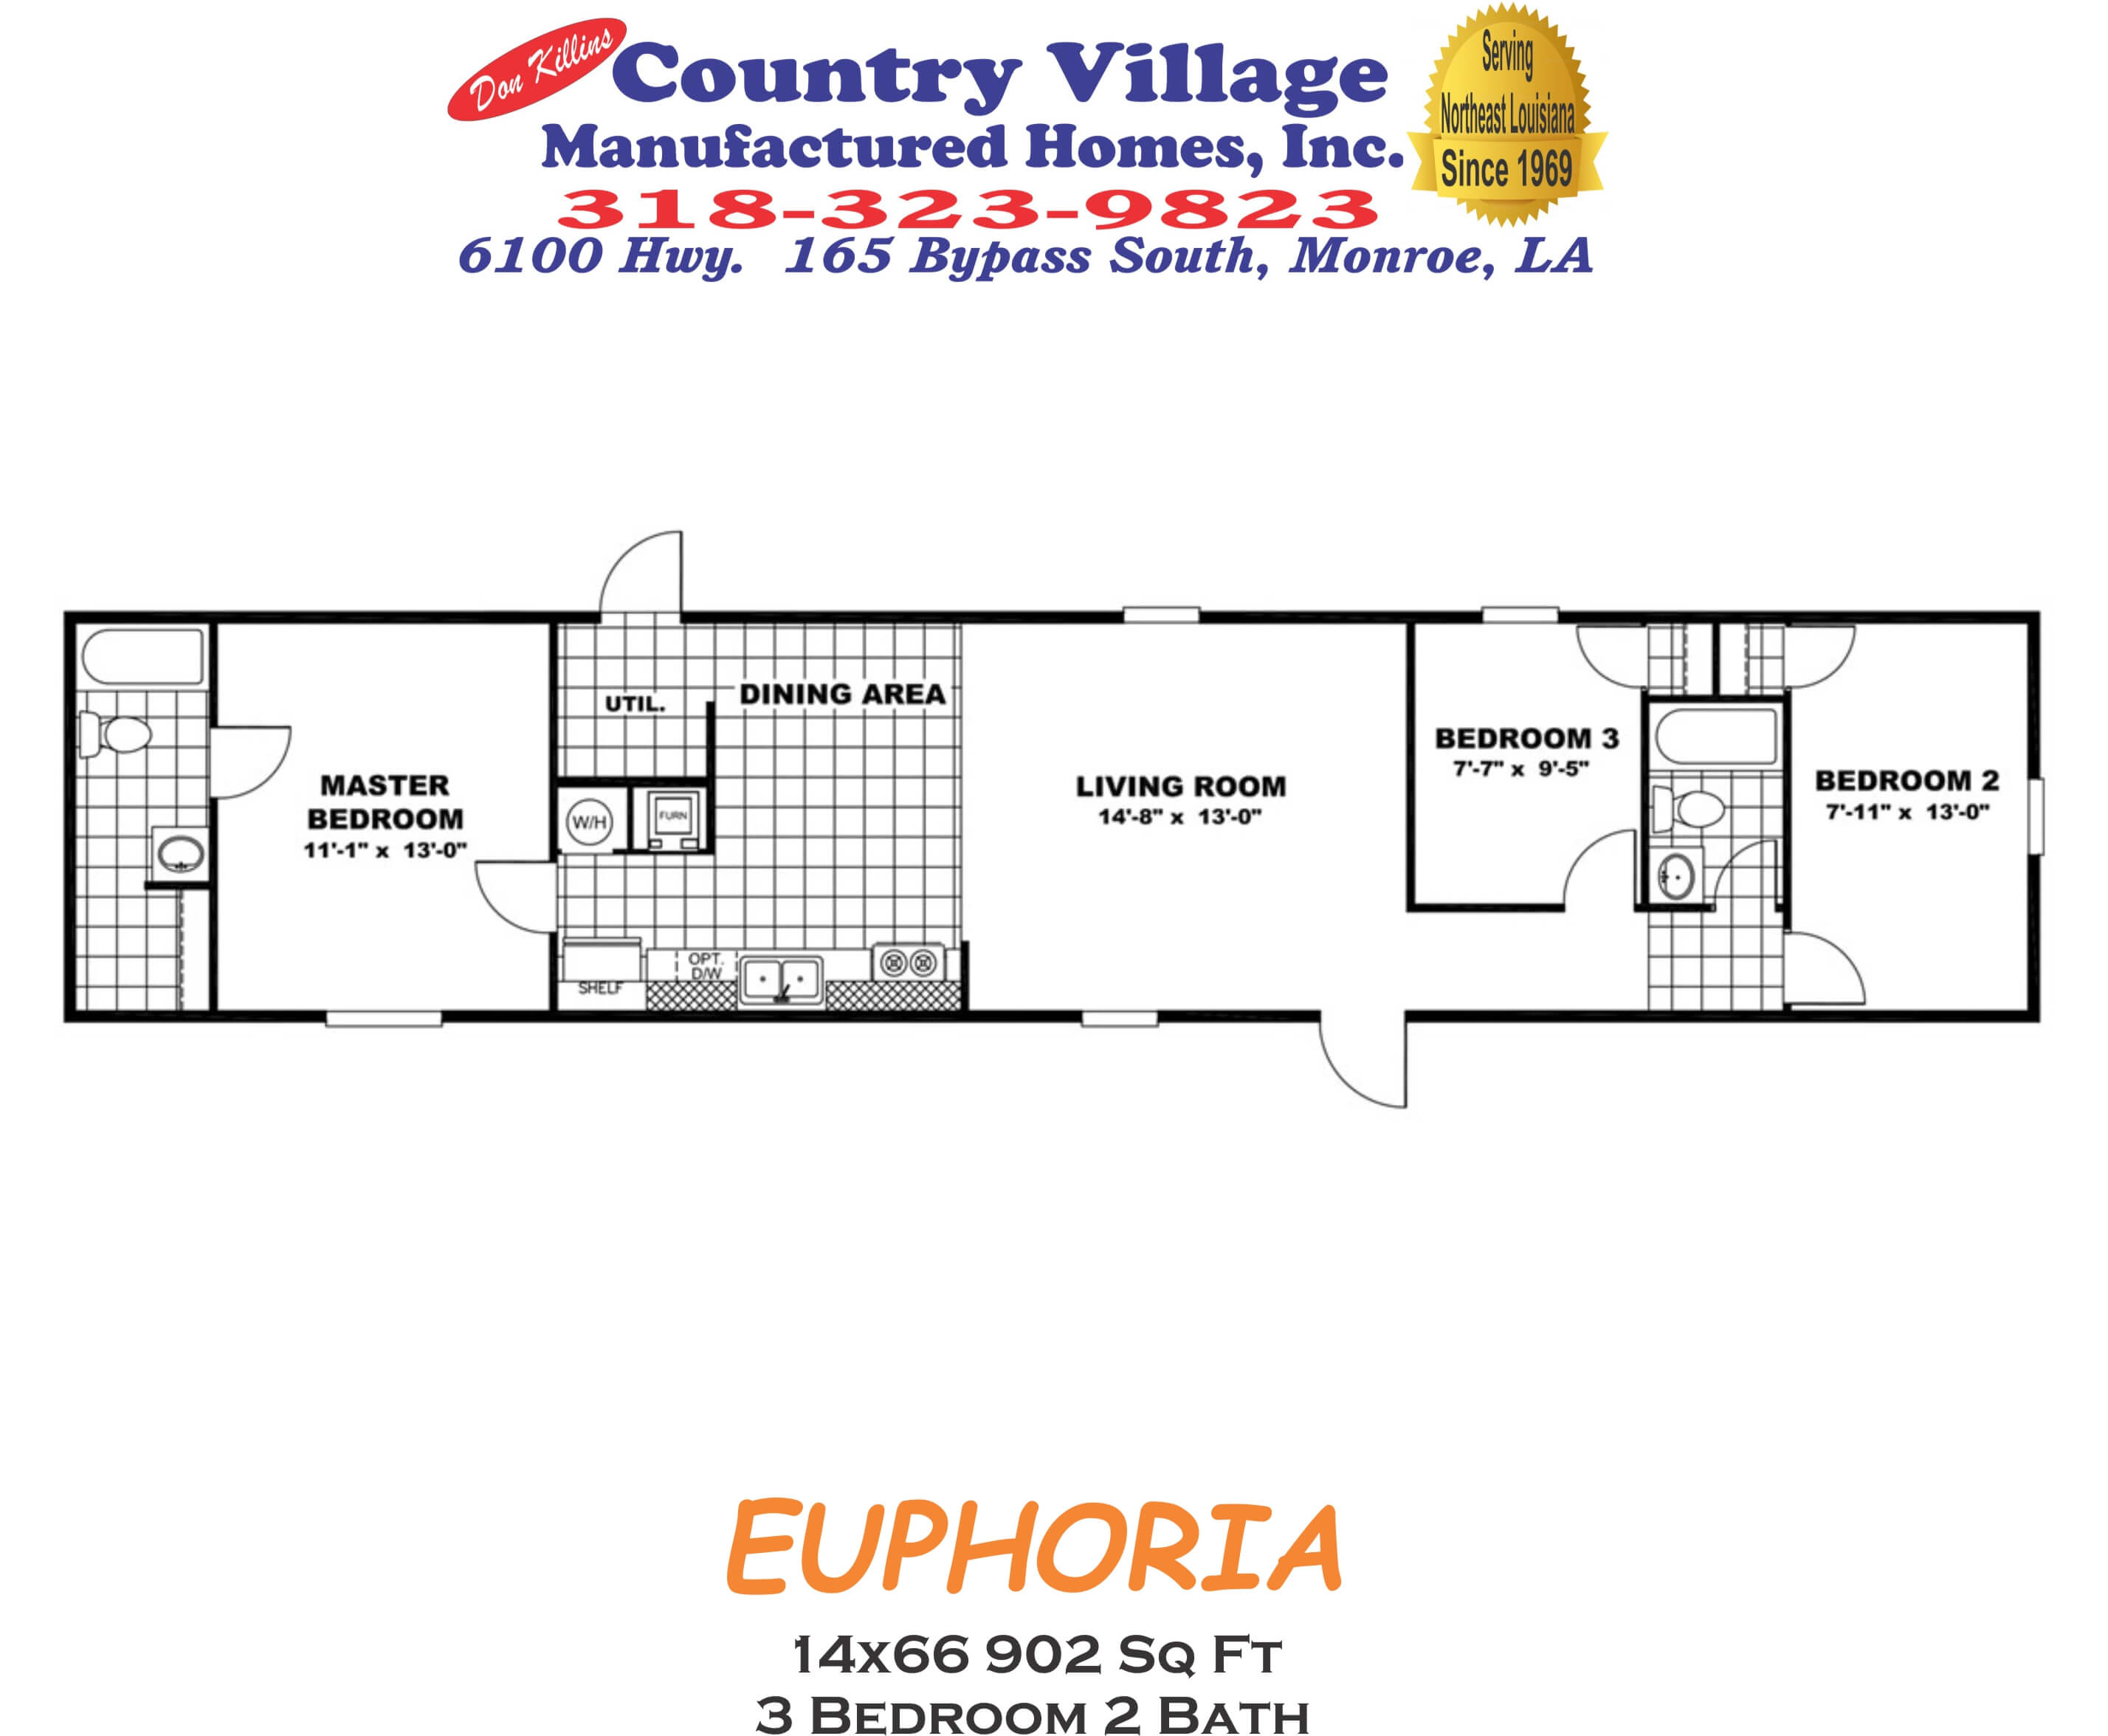 EUPHORIA 14x66 902 sq ft 3+2